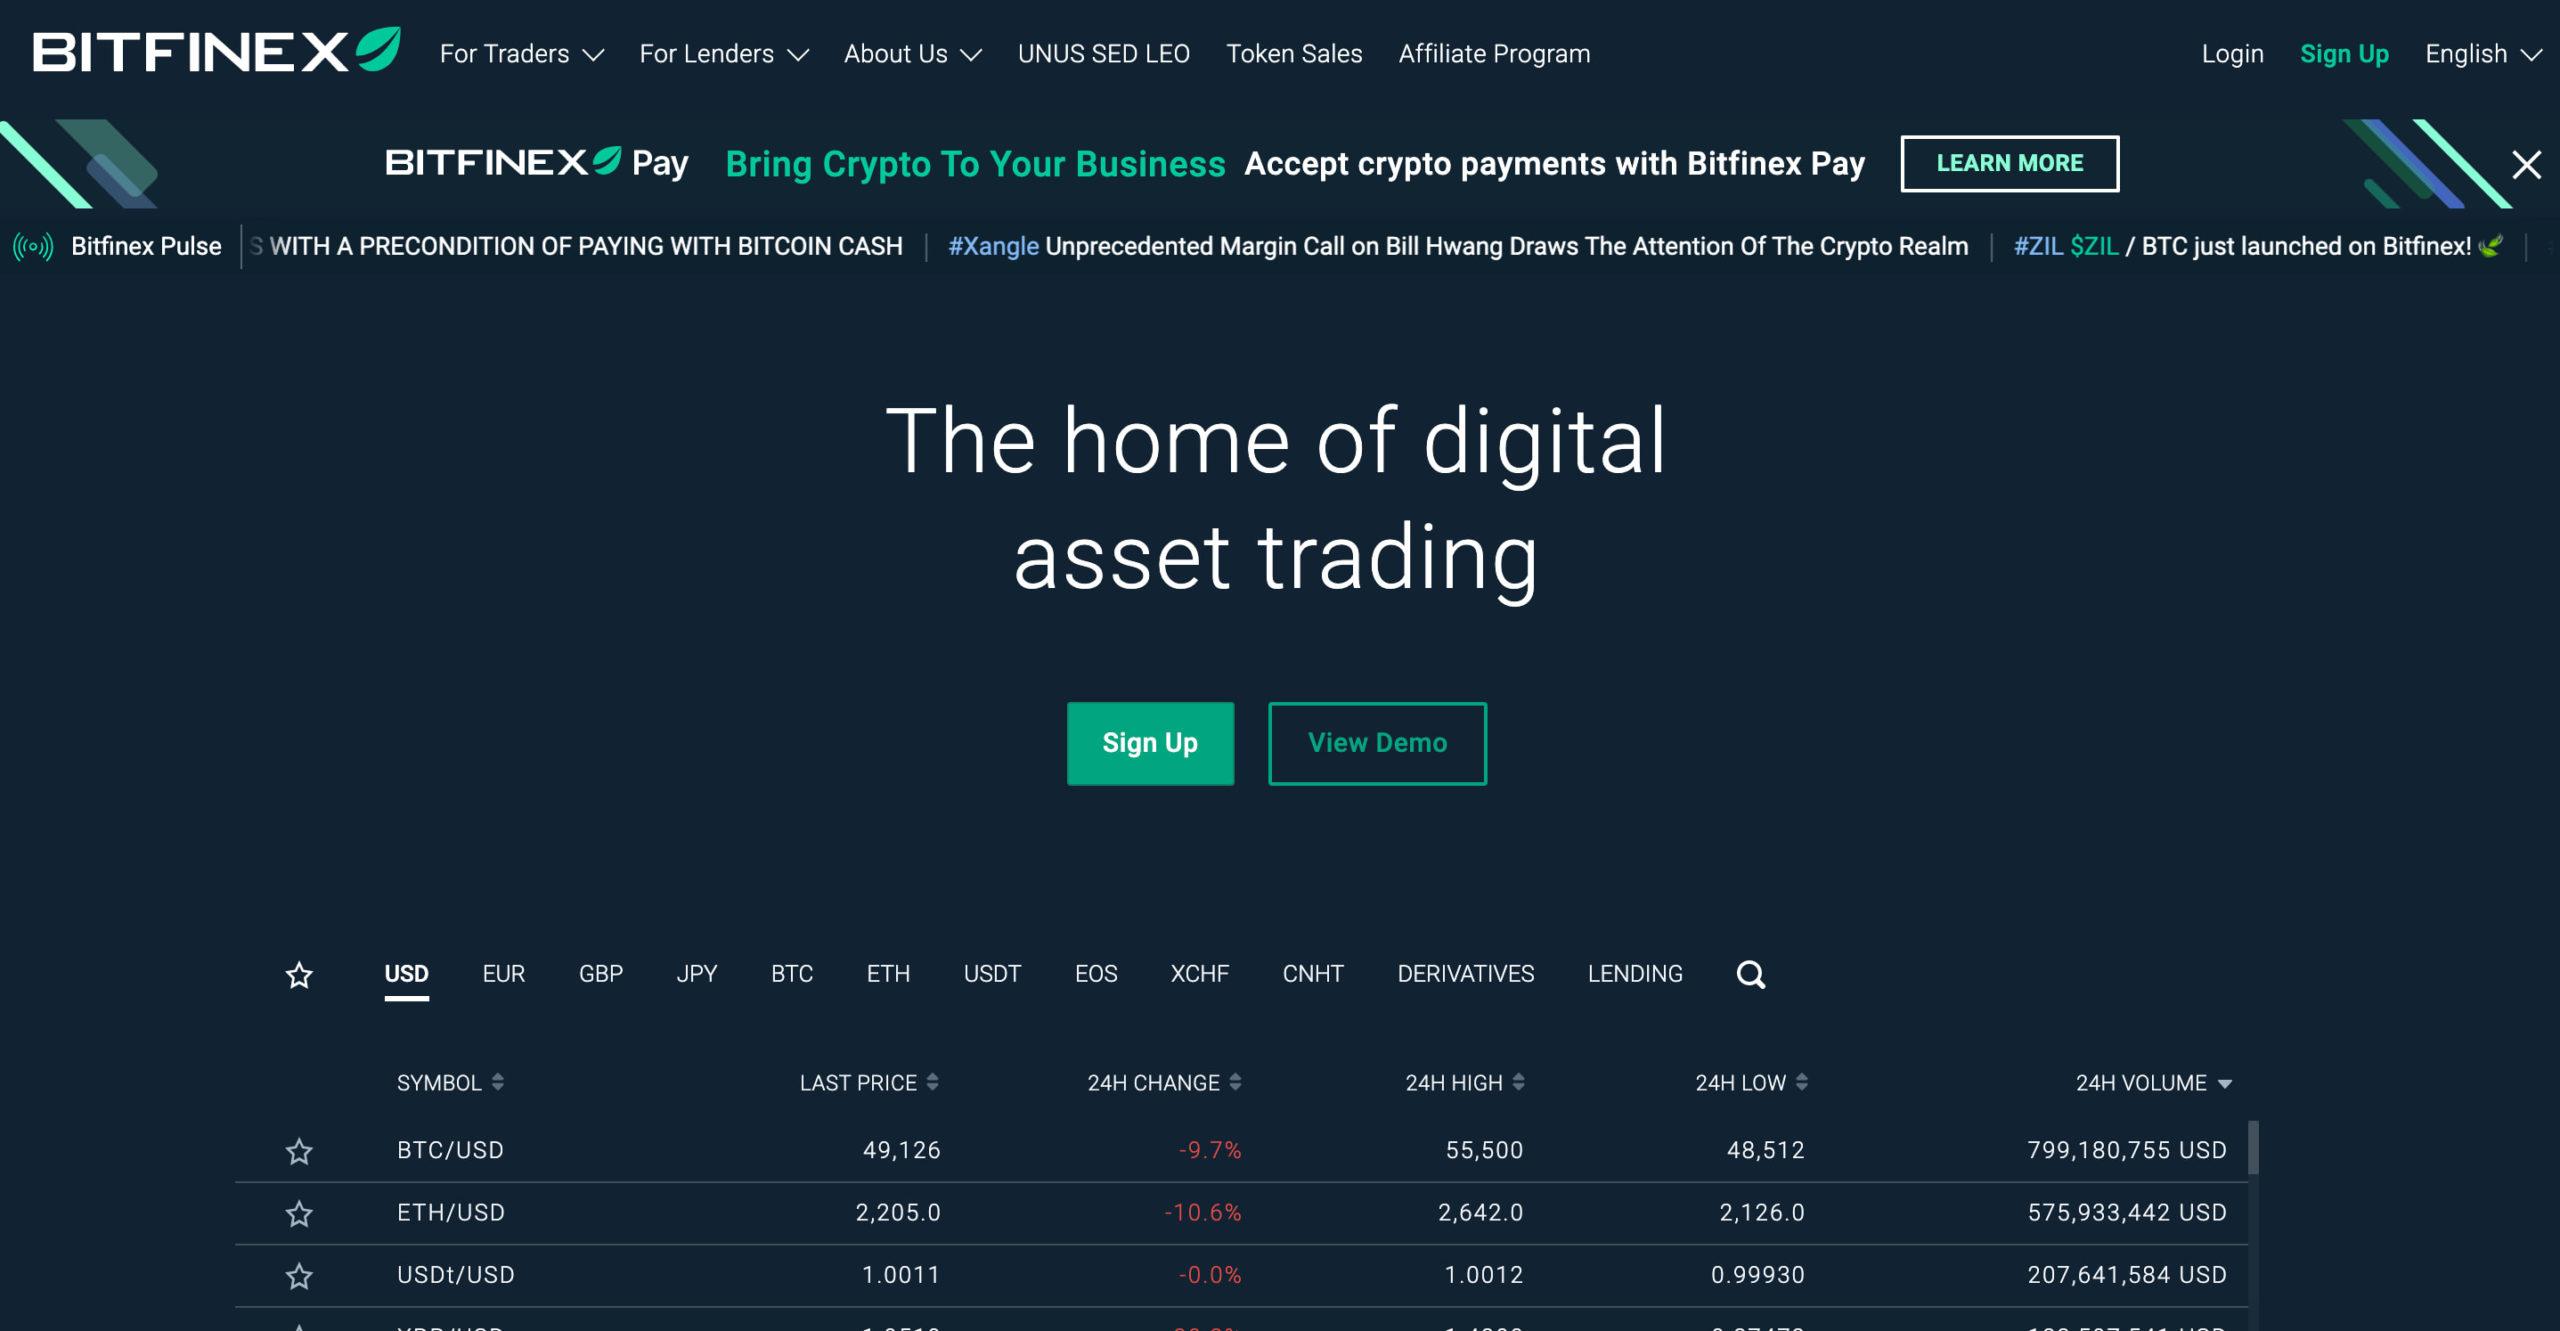 crypto-passive-income-guide-1